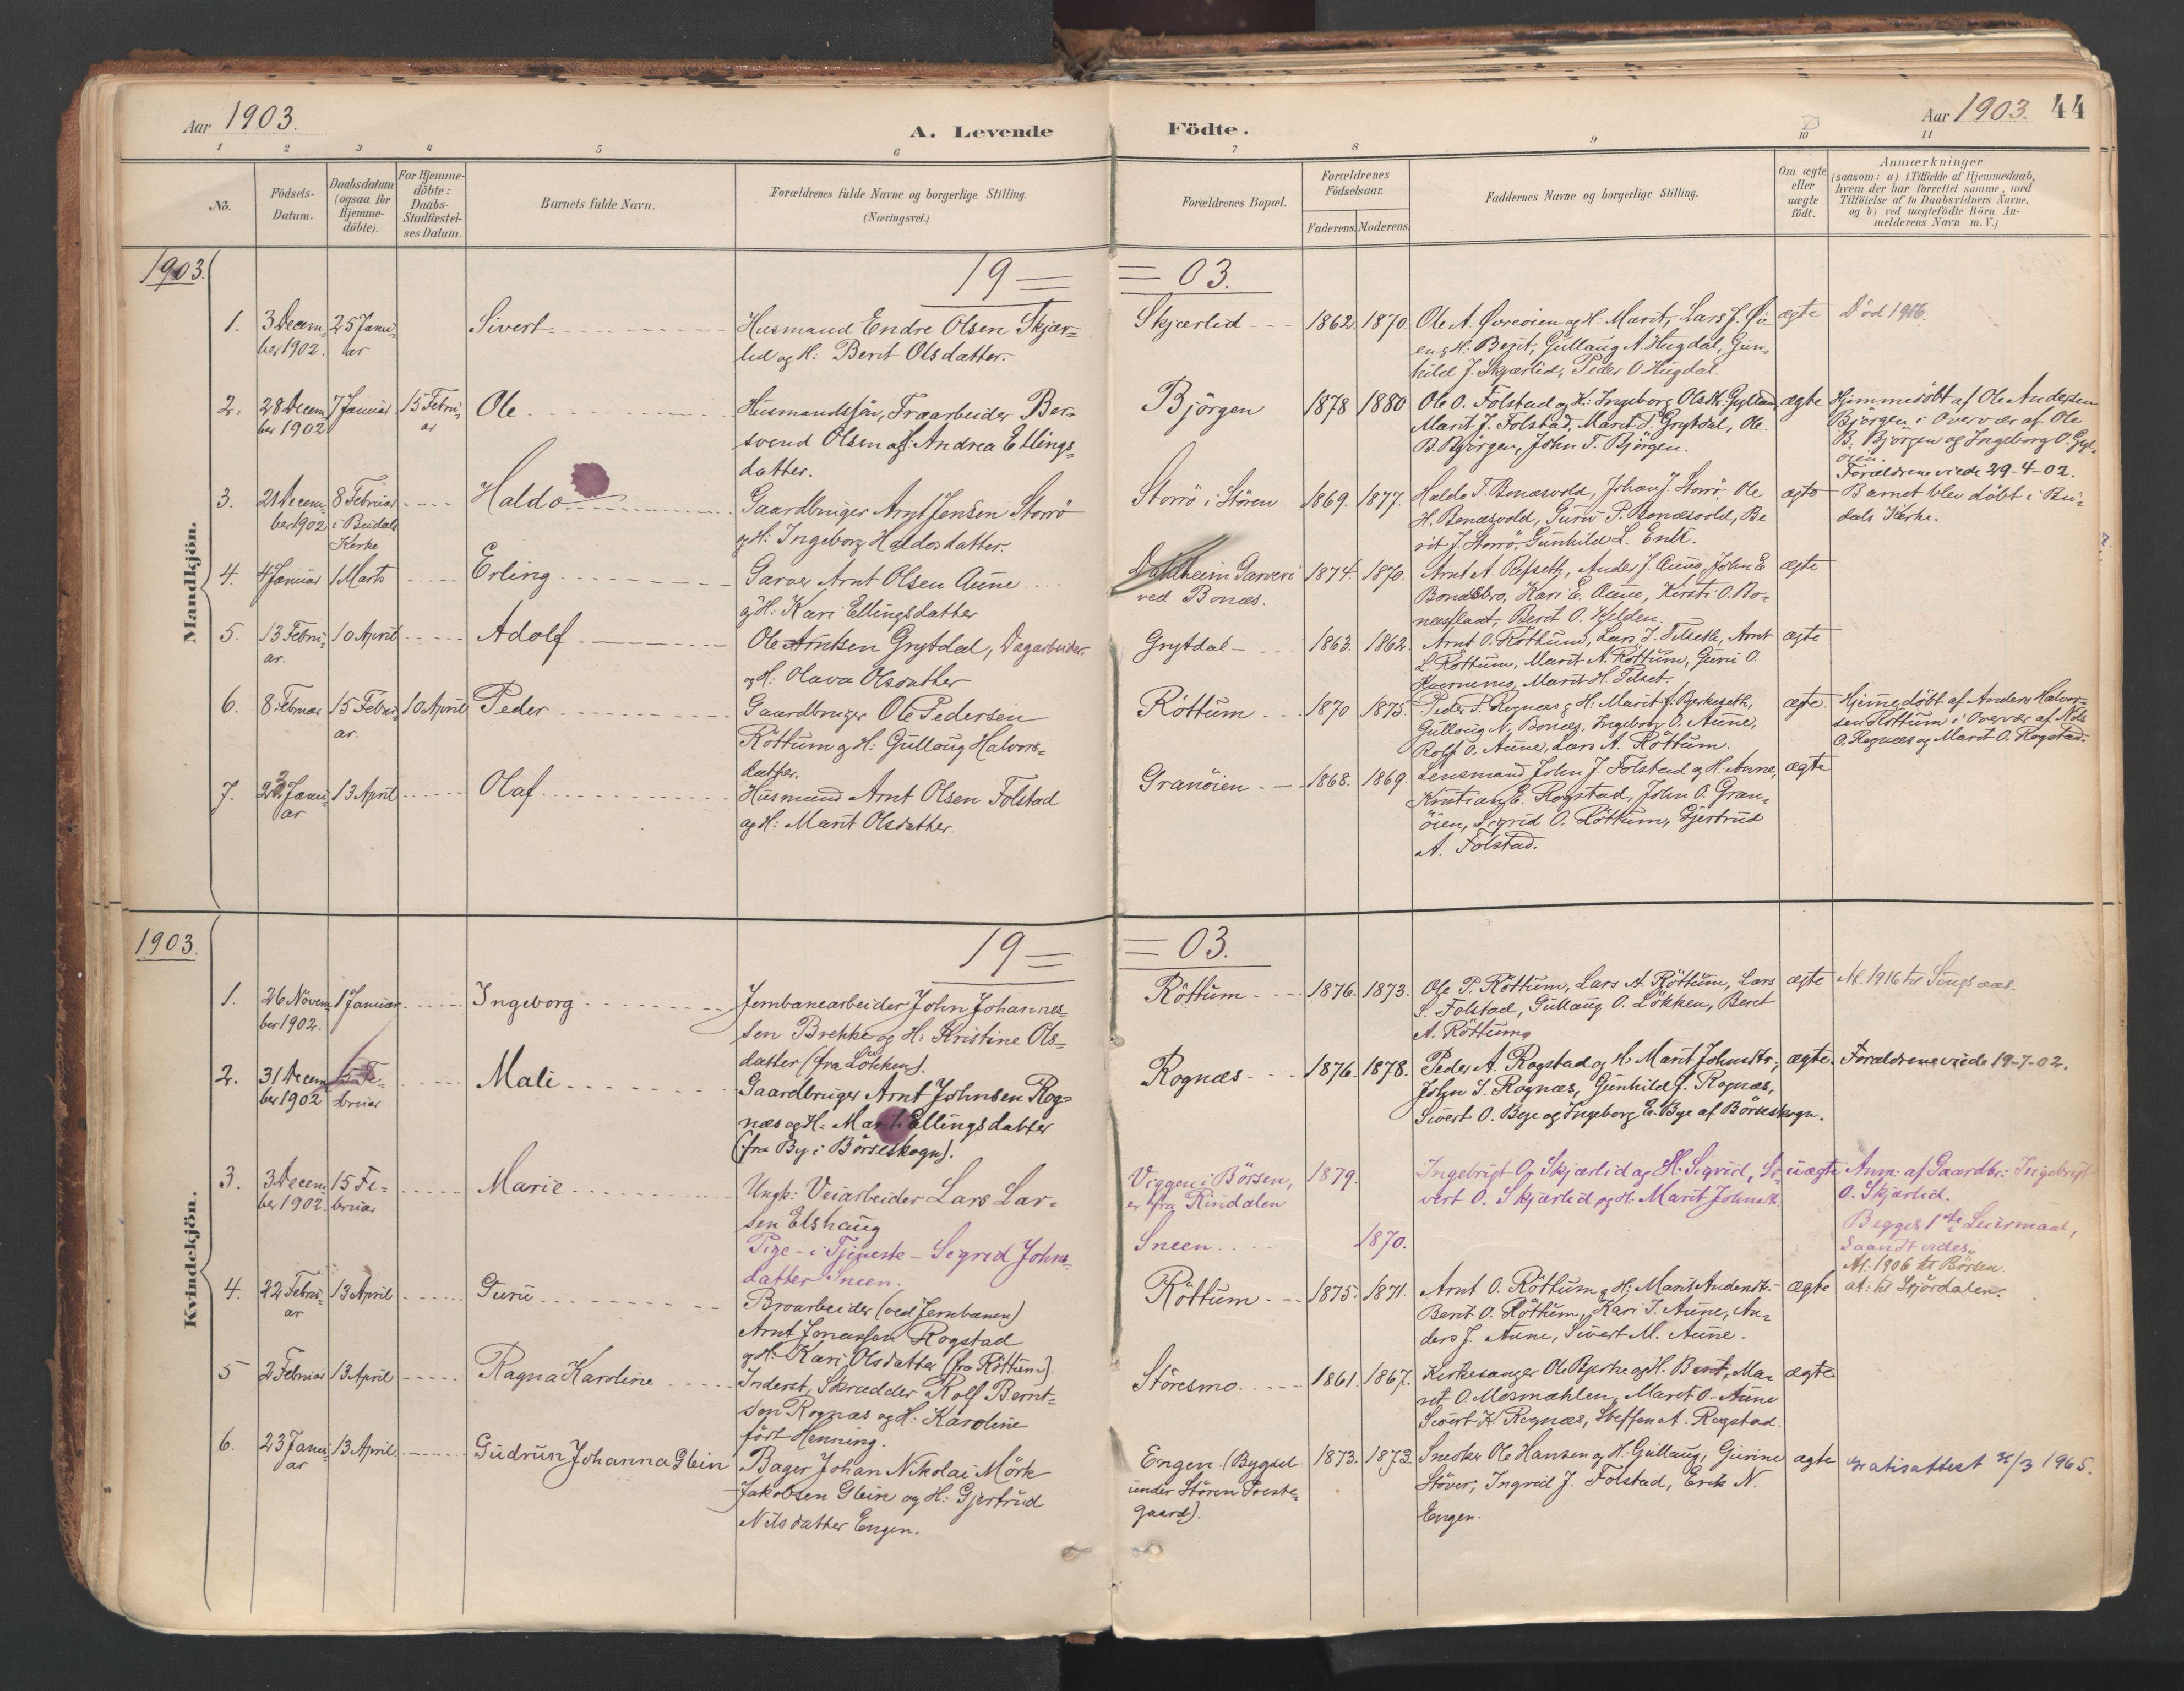 SAT, Ministerialprotokoller, klokkerbøker og fødselsregistre - Sør-Trøndelag, 687/L1004: Ministerialbok nr. 687A10, 1891-1923, s. 44